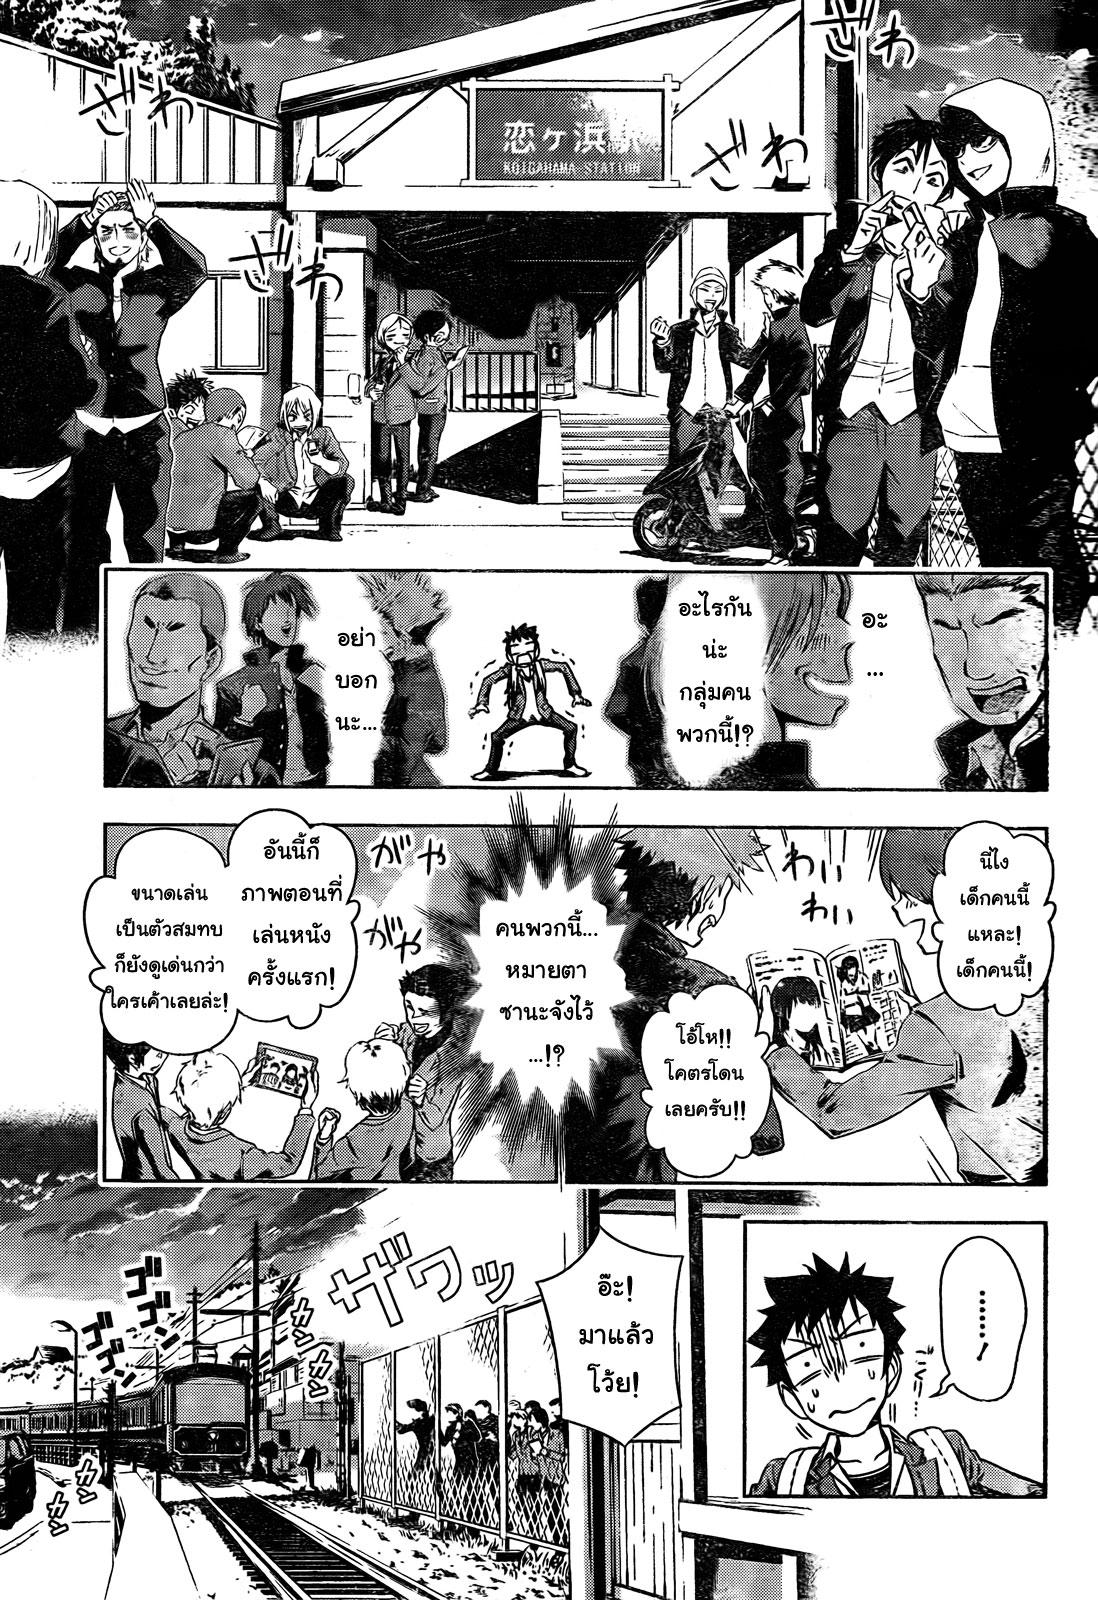 อ่านการ์ตูน Koisome Momiji 1 ภาพที่ 28